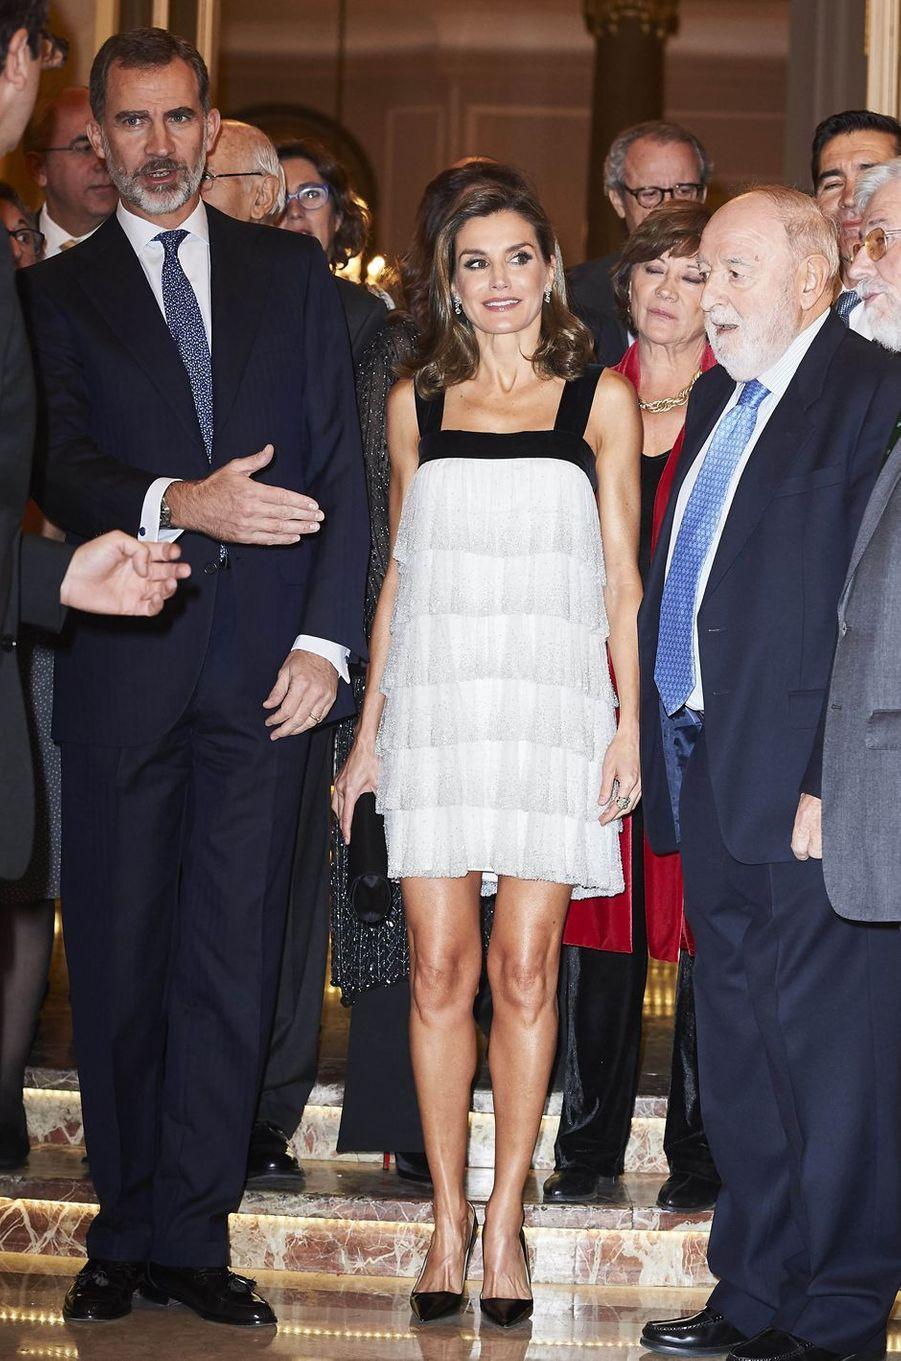 Le roi Felipe VI d'Espagne et la reine Letizia à Madrid, le 22 novembre 2017